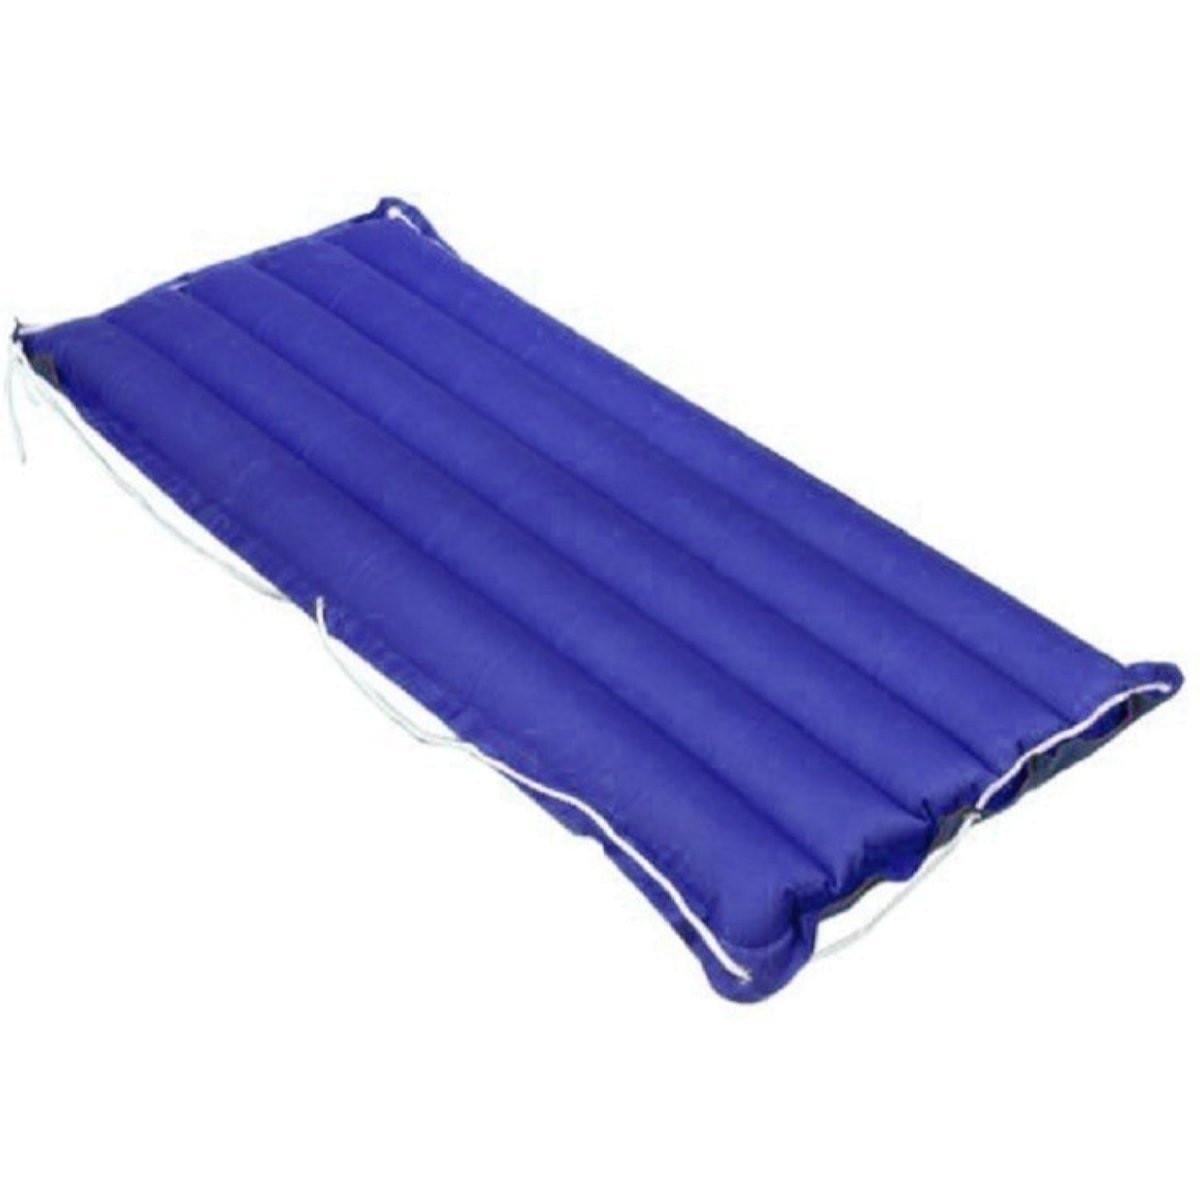 Пляжный надувной матрас - плот Intex 59196 Синий